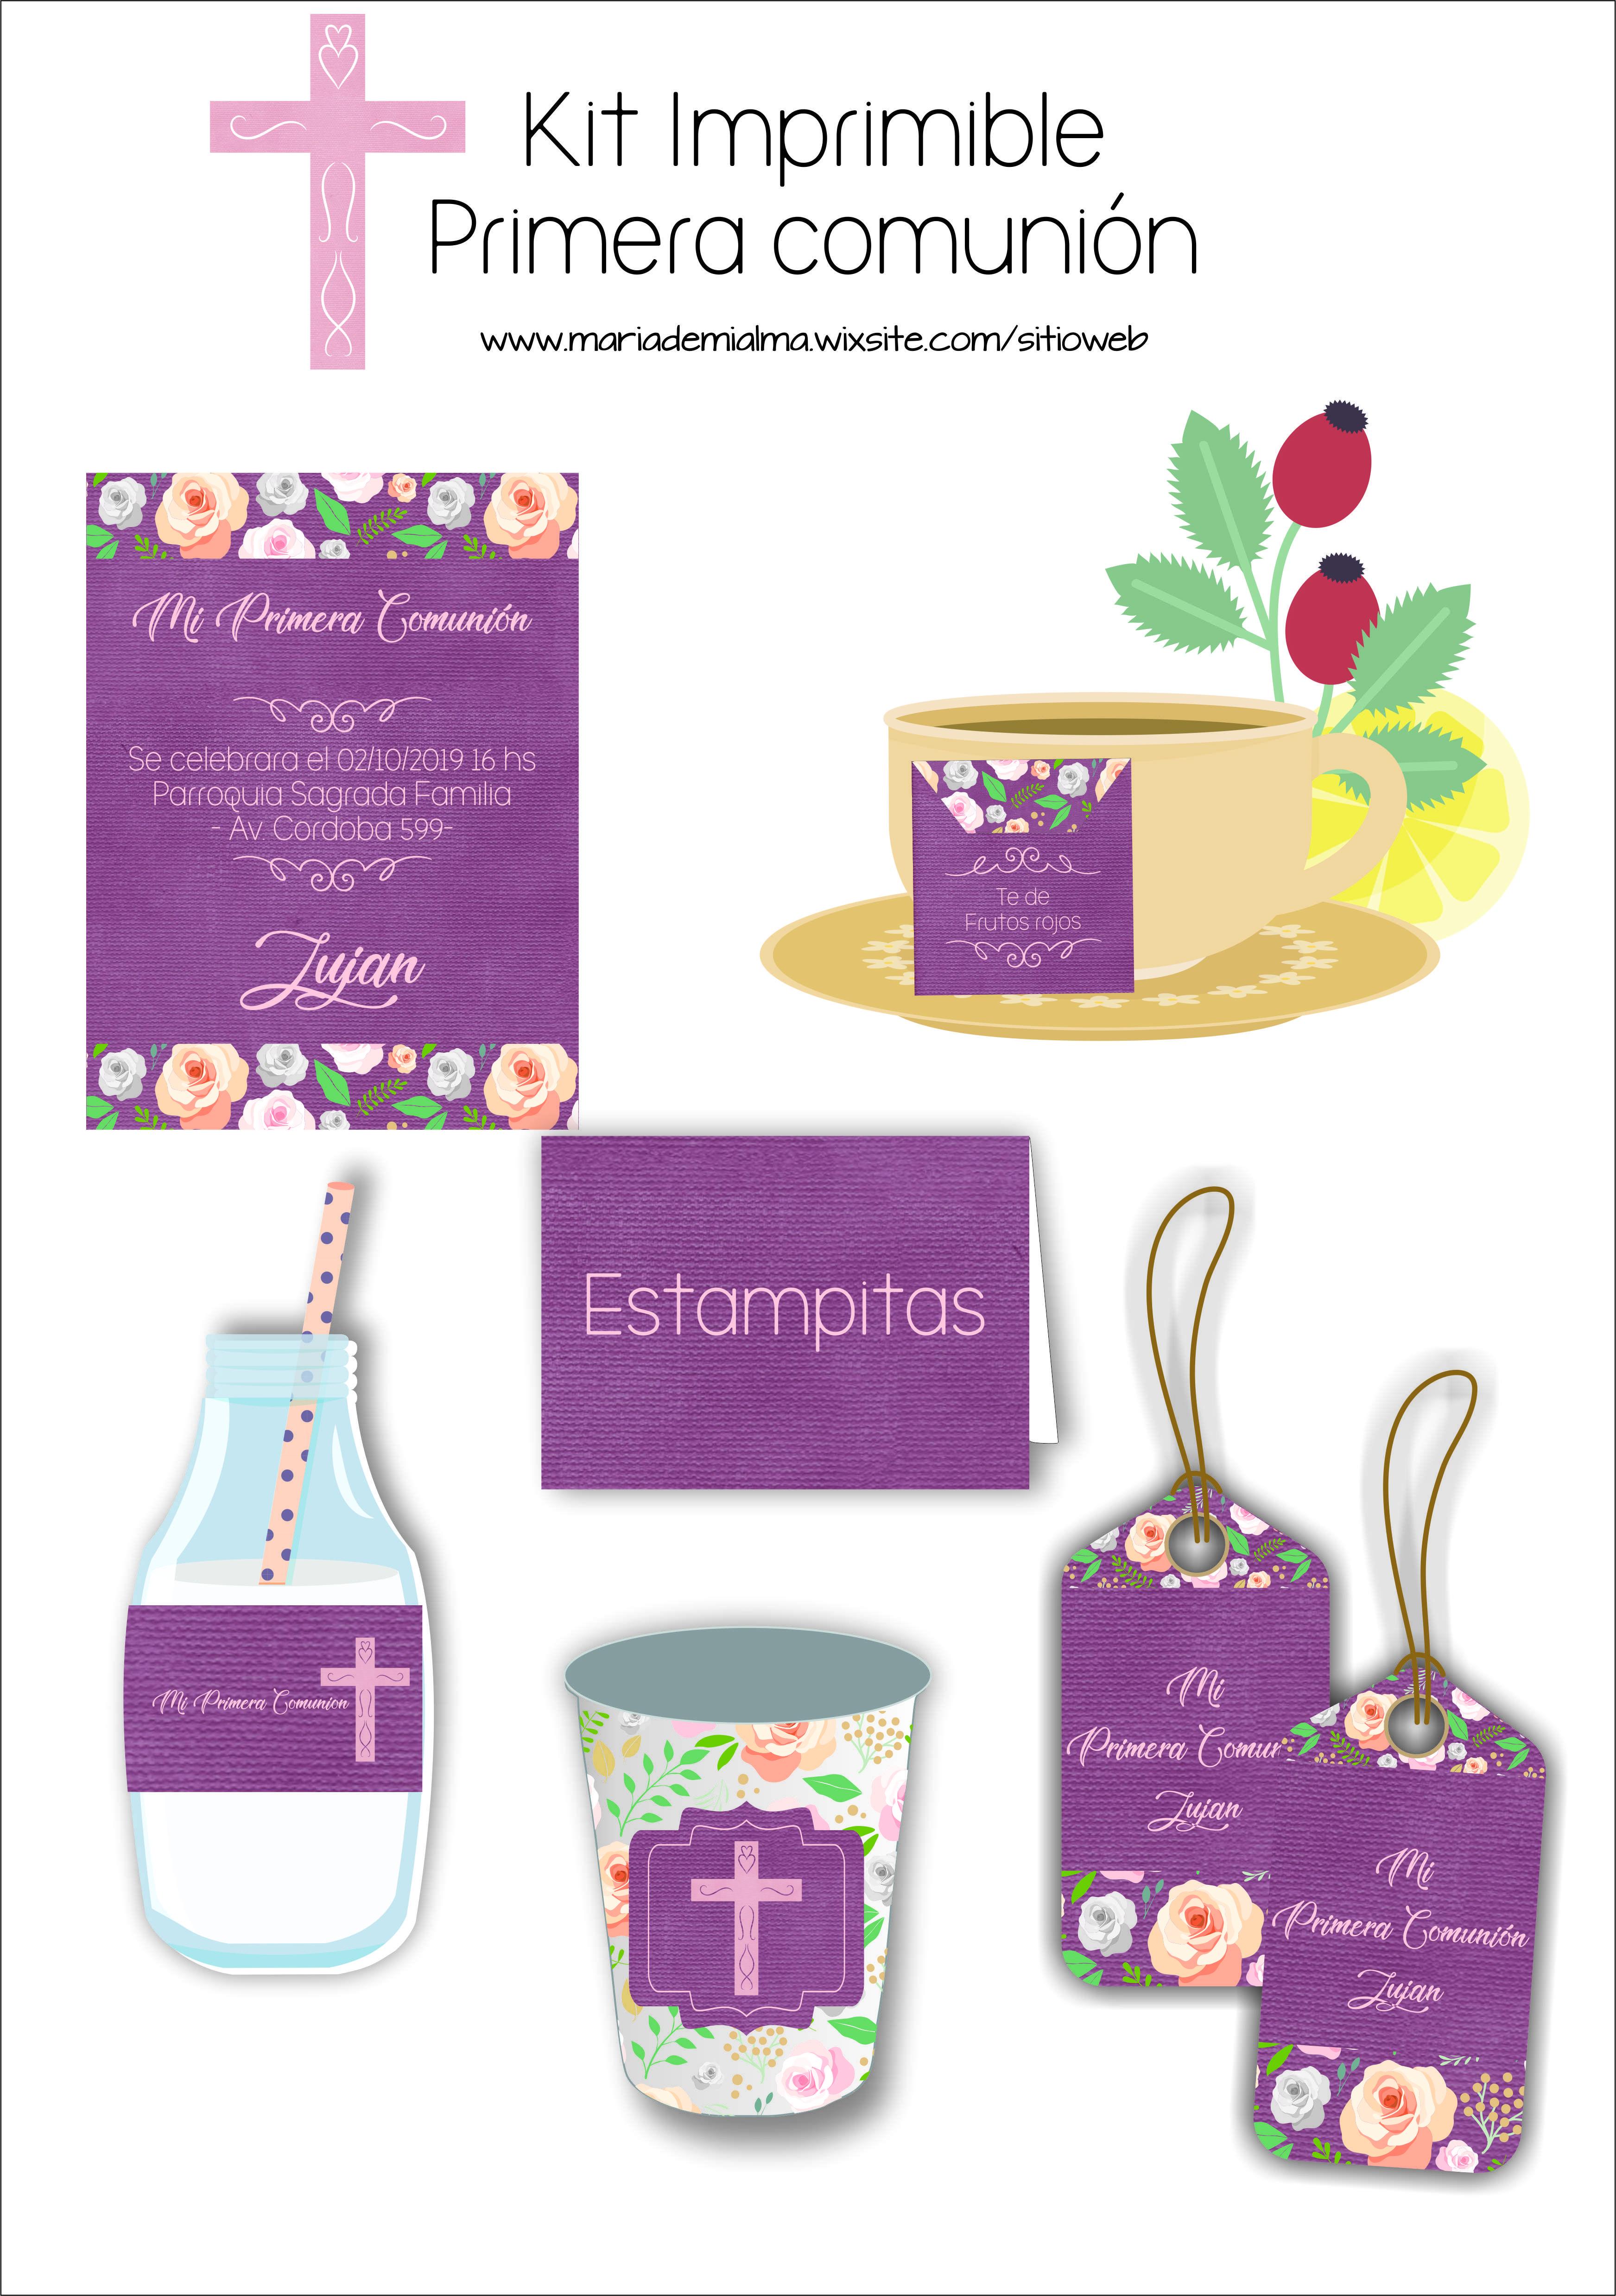 Kit Imprimible Comunion Purpura Con Rosas Kits Imprimibles Kits Imprimibles Para Cumpleanos Imprimibles